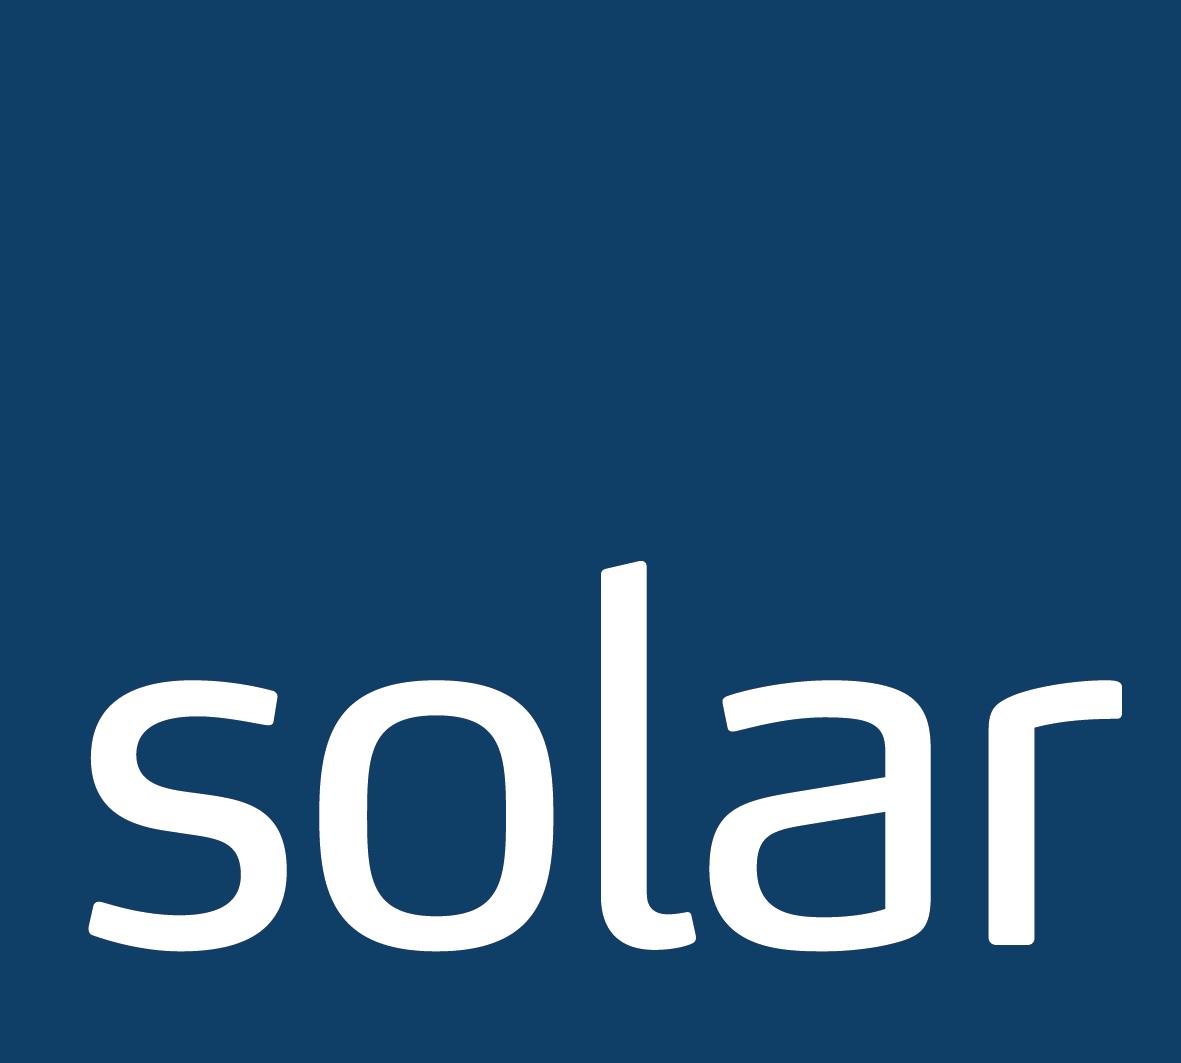 Solar (inkl Onninen)